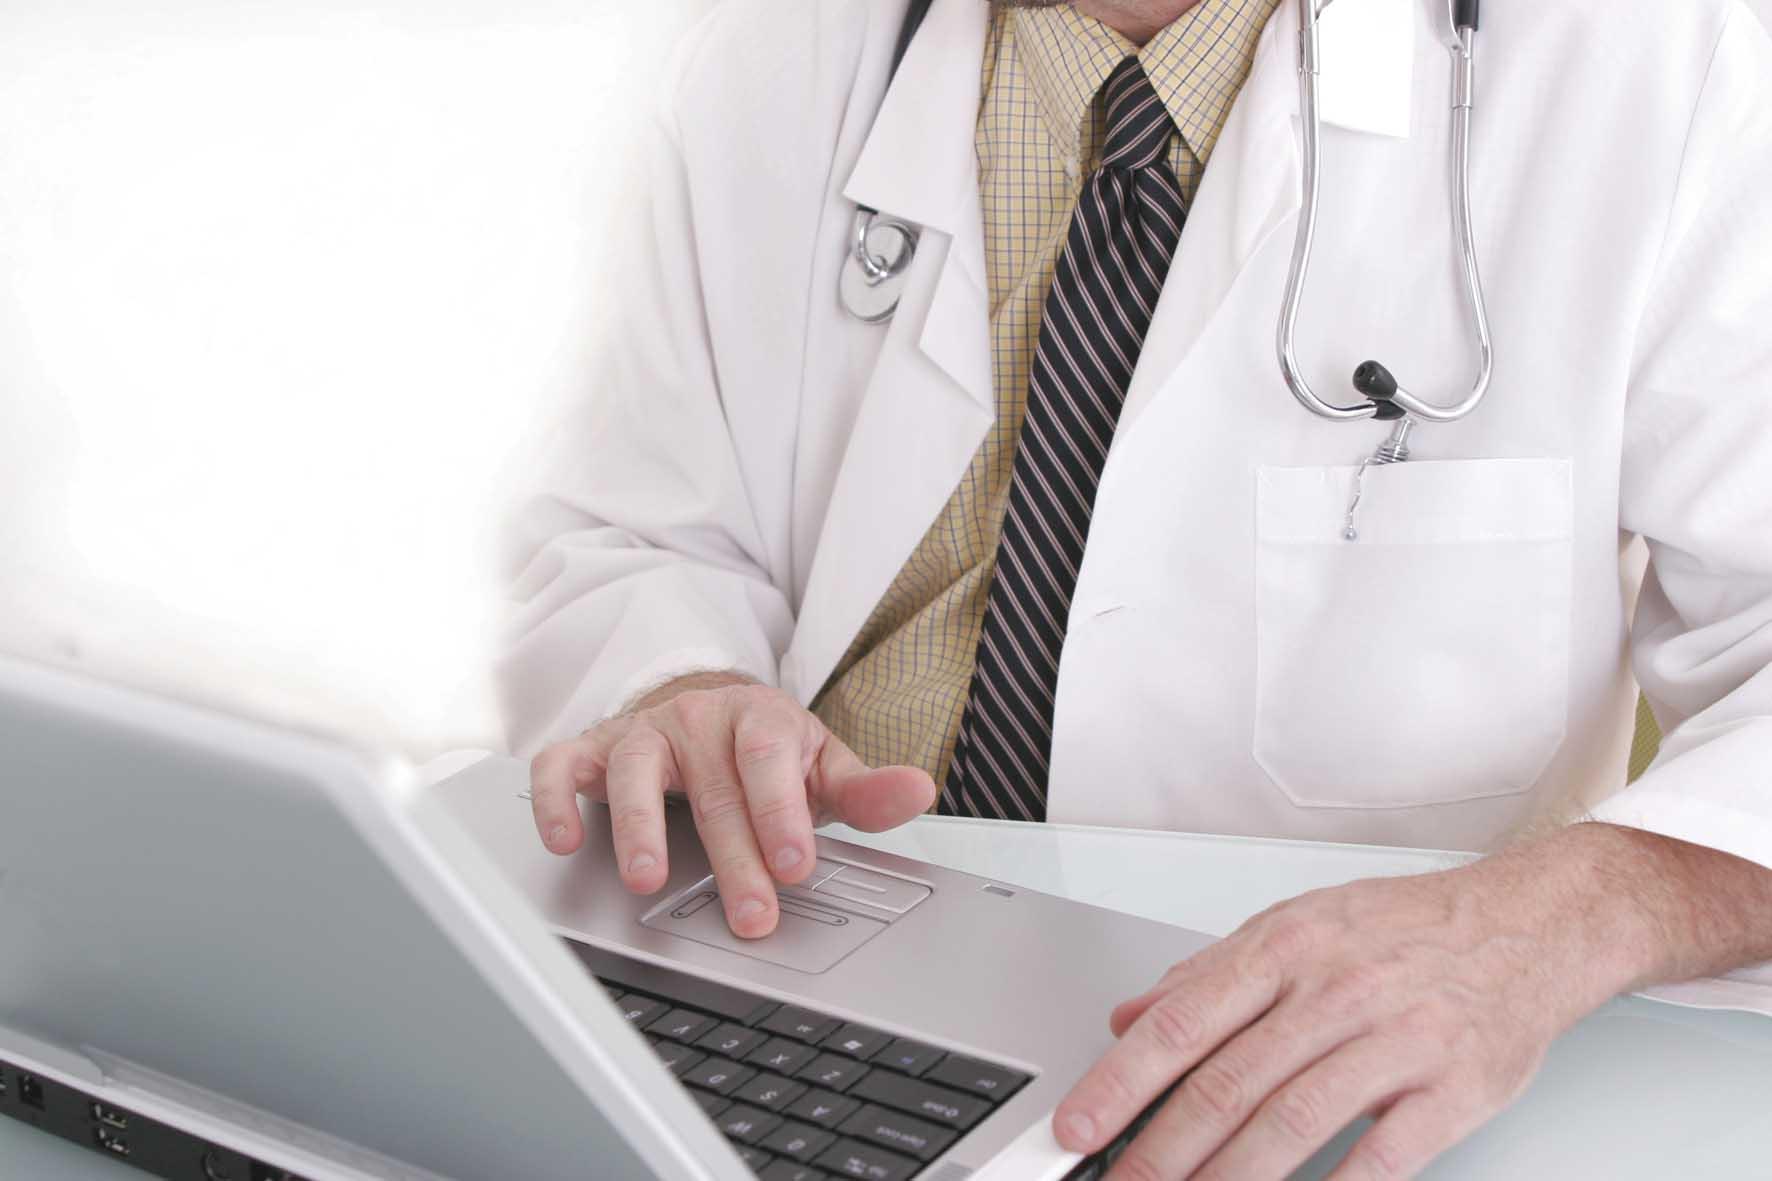 ricetta elettronica medico pc